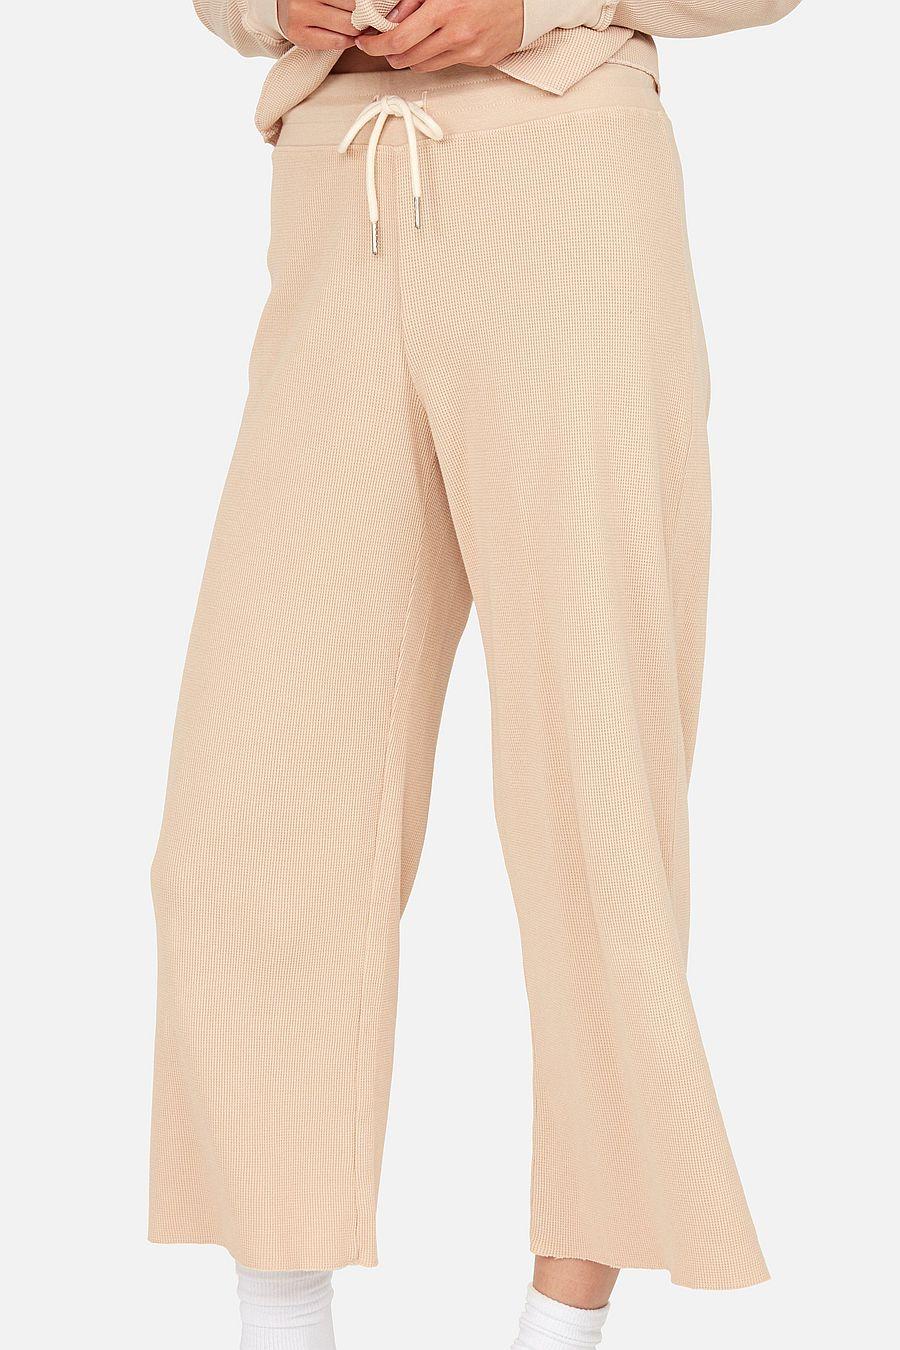 MATE The Label Organic Thermal Wide Leg Pant - LATTE